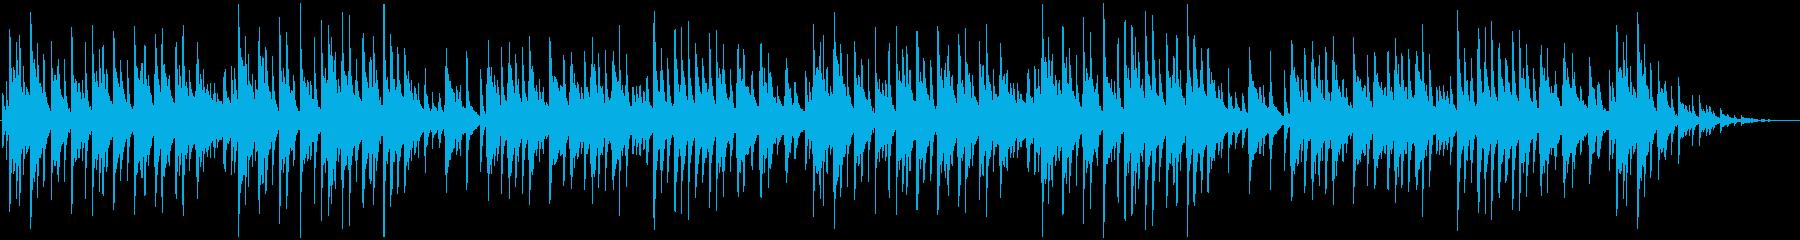 切ない雰囲気のピアノ曲の再生済みの波形